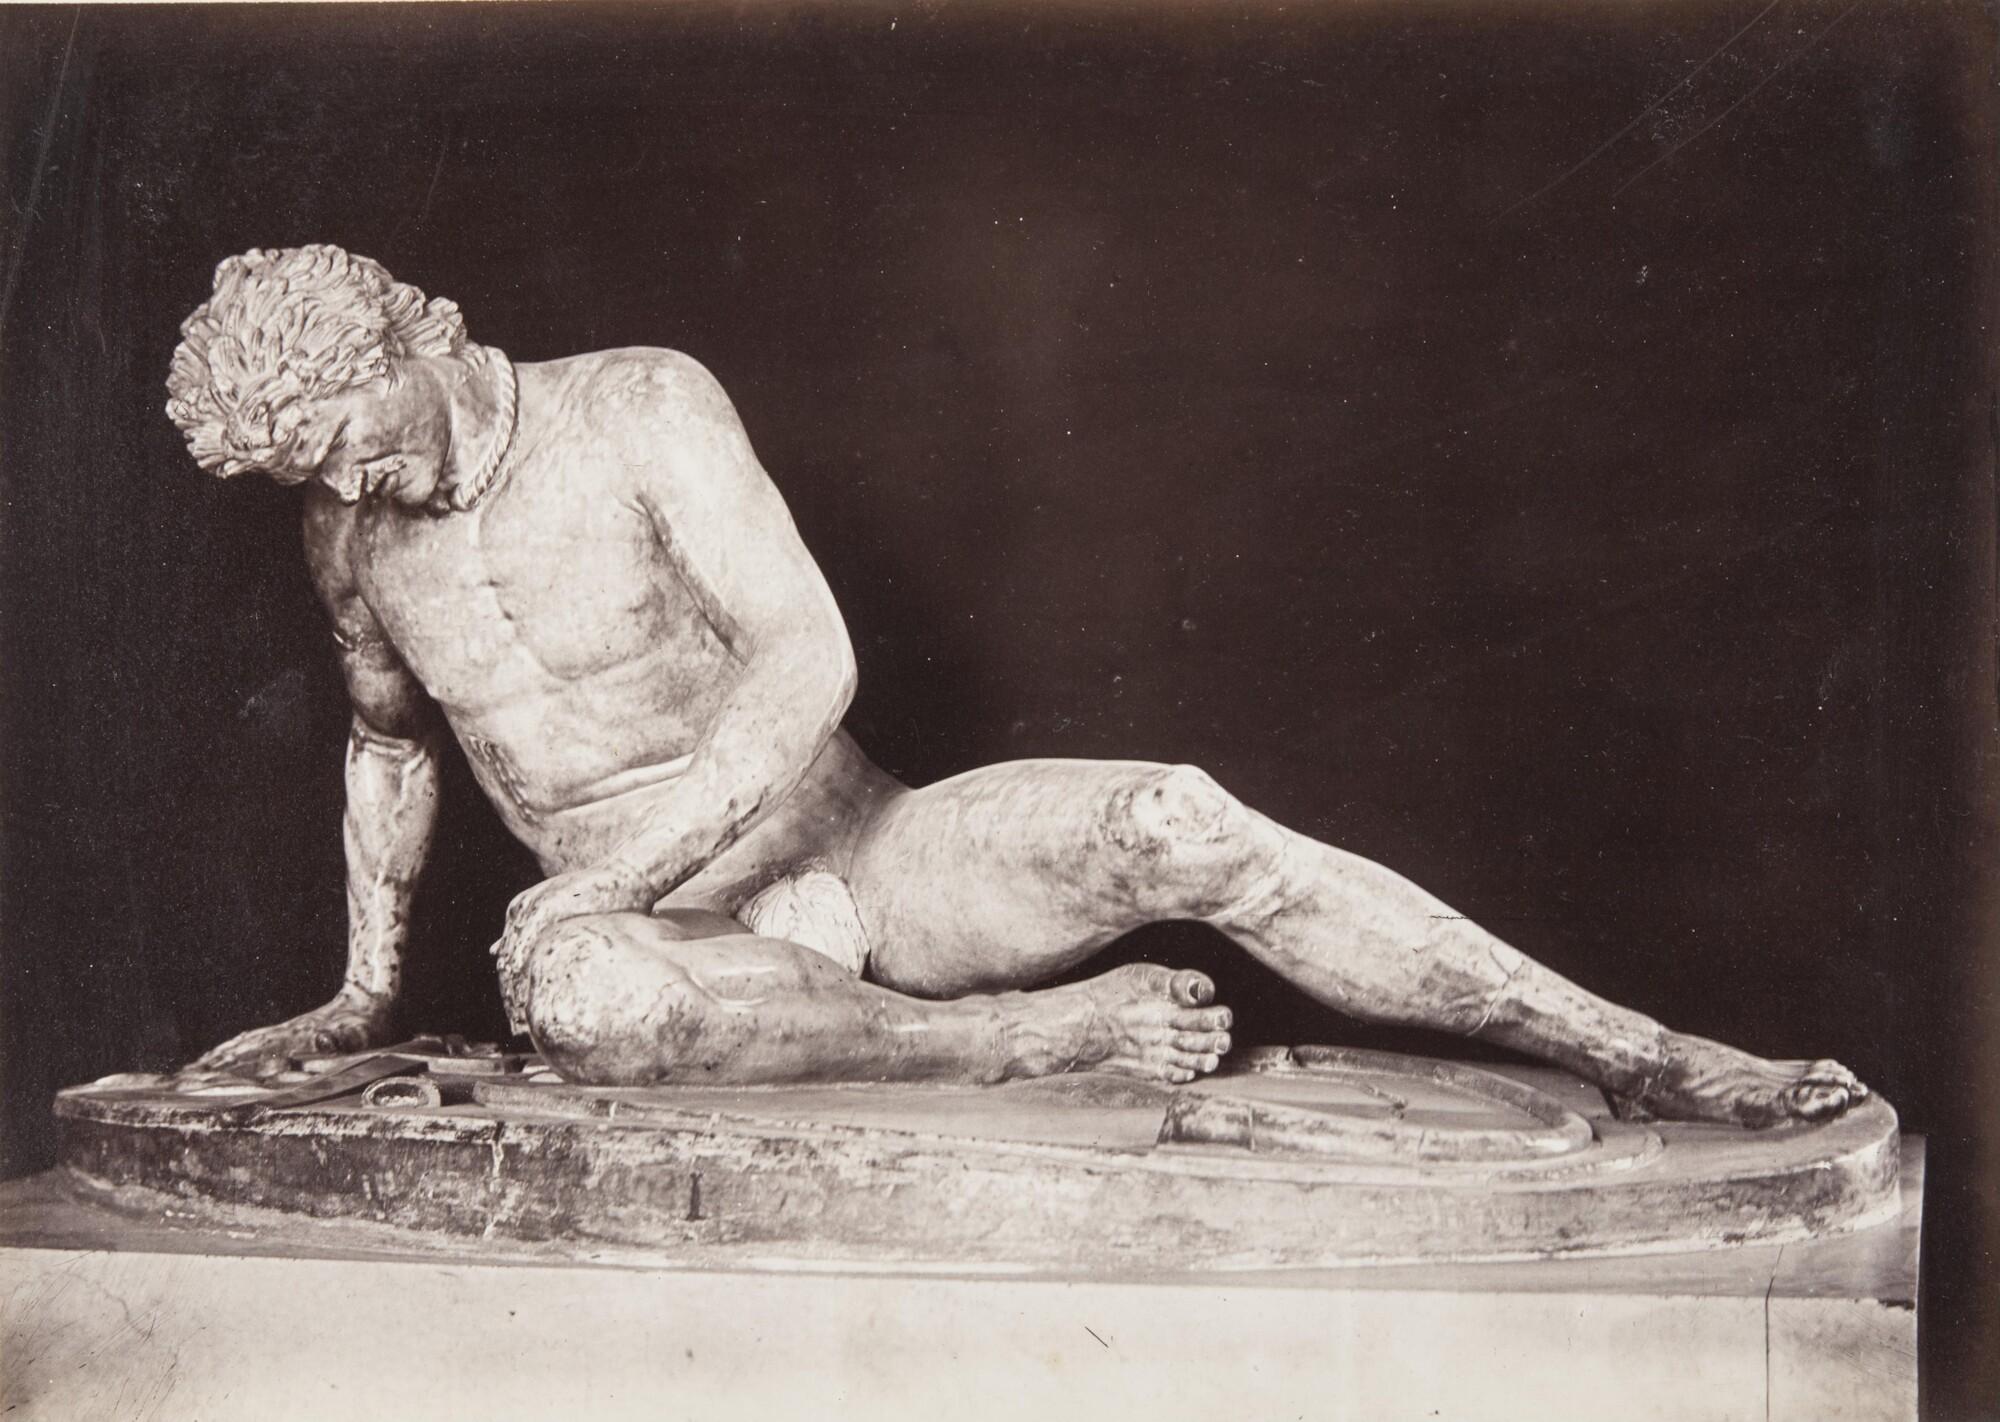 Роберт Тернбулл Макферсон.    Умирающий галл.Капитолийские музеи,1860‑е   Альбуминовый отпечаток